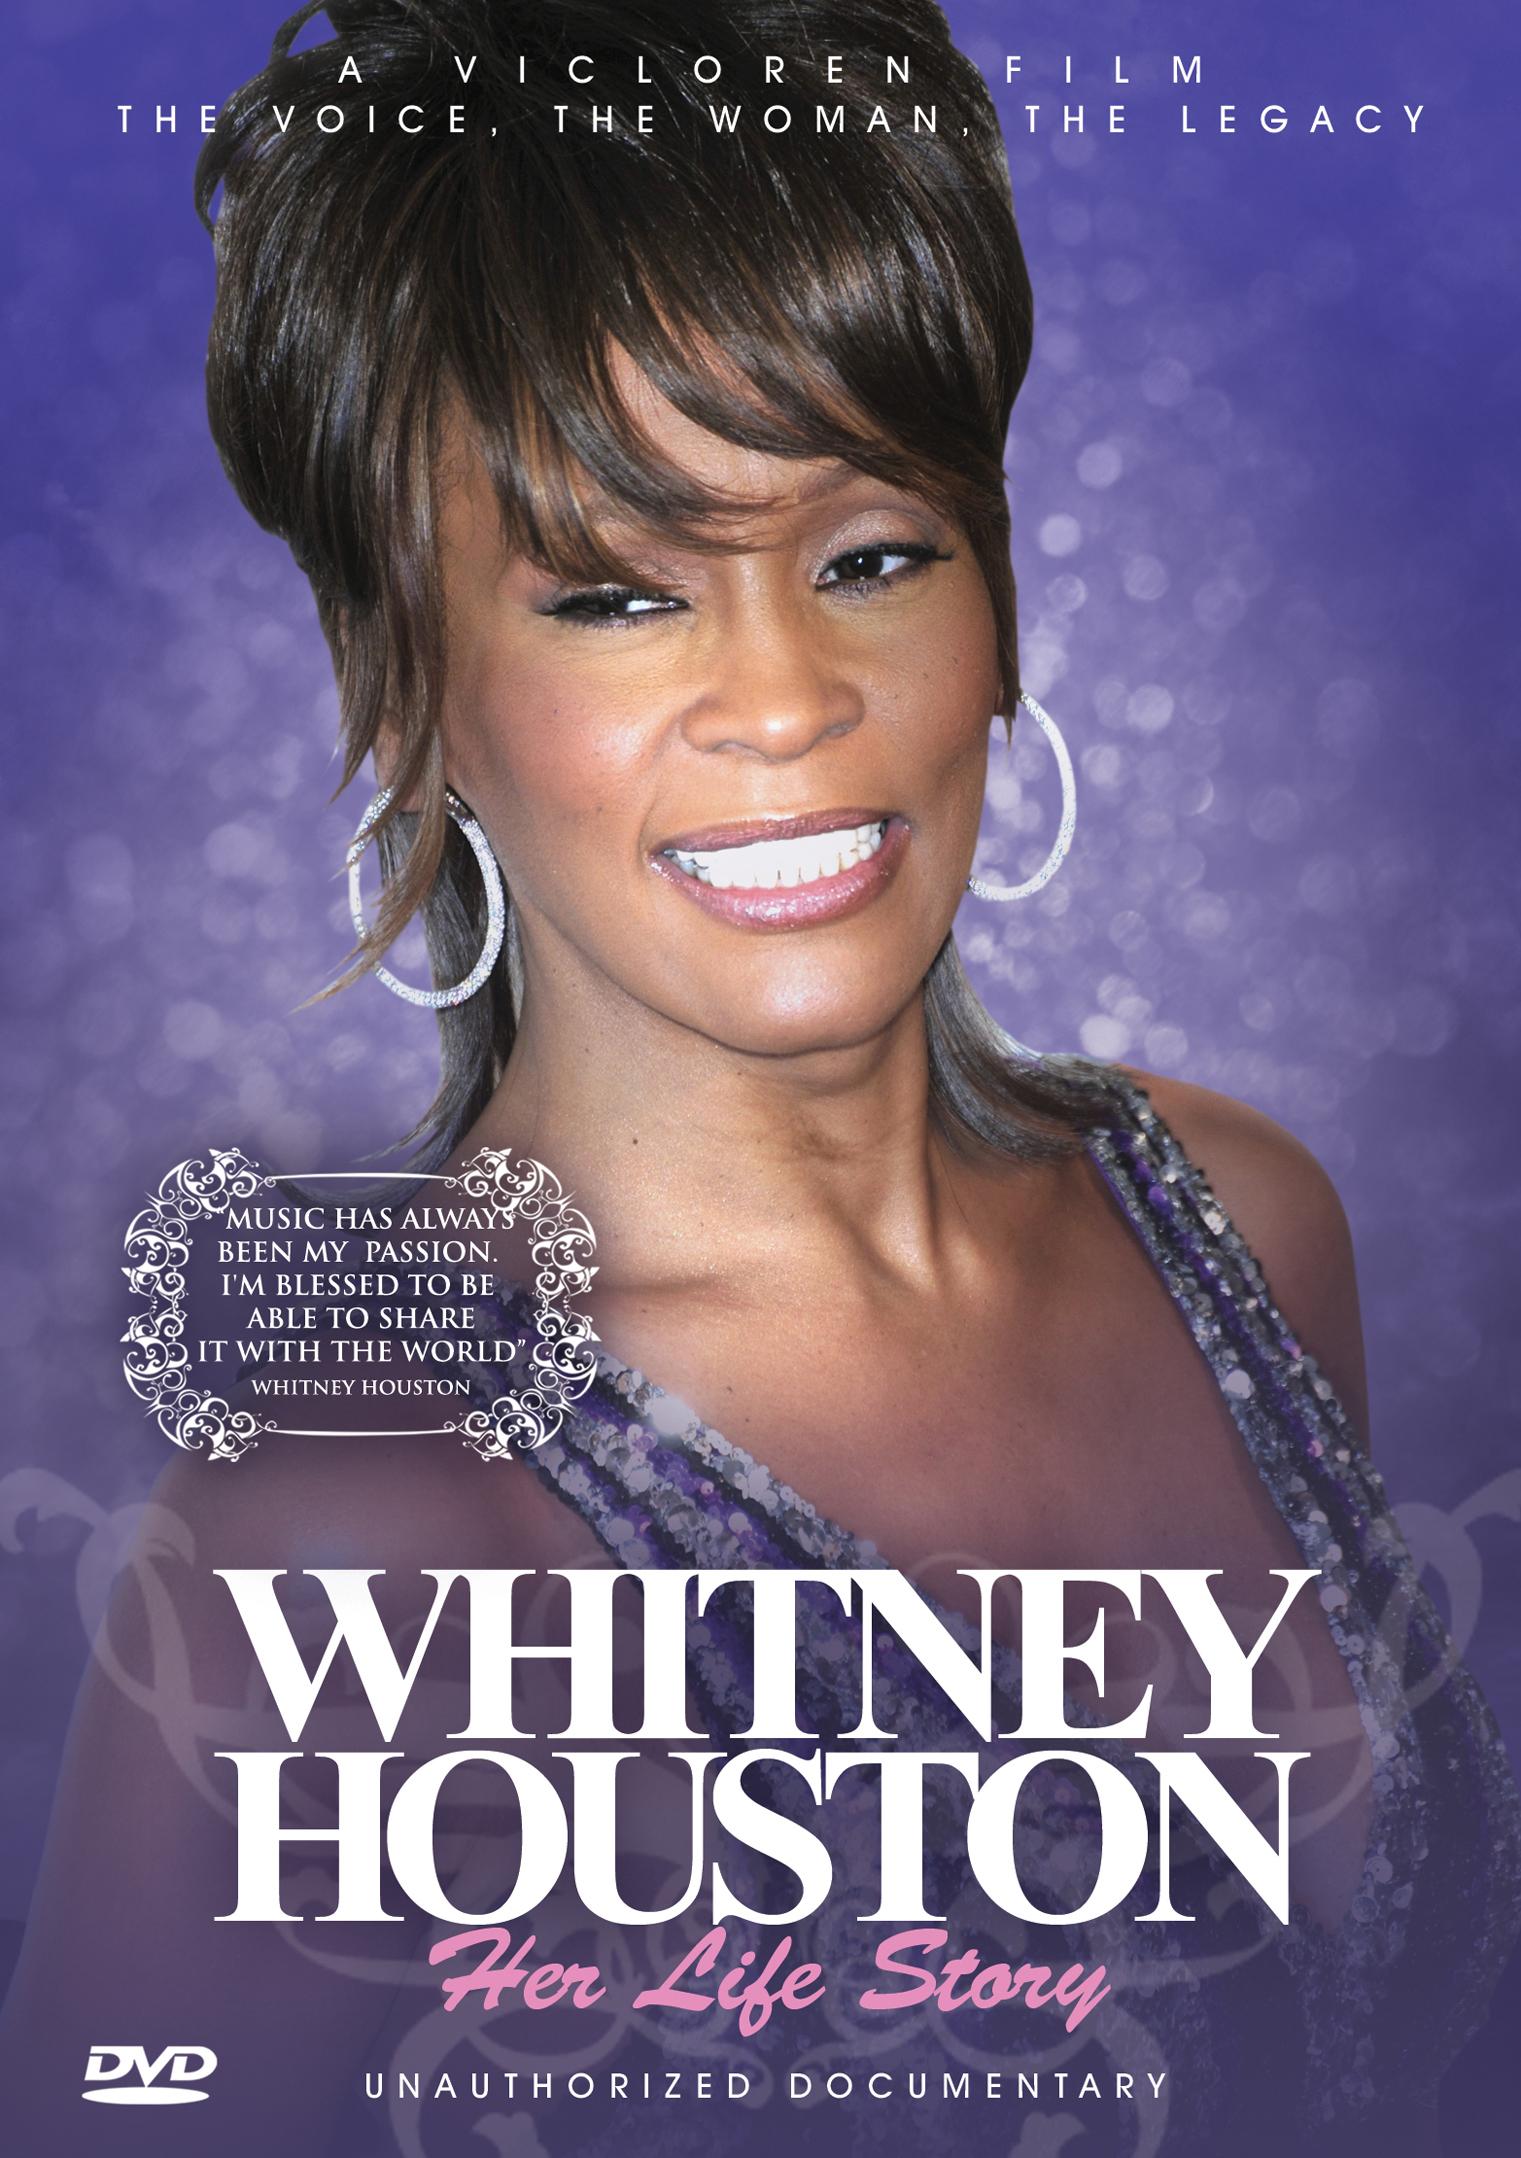 Whitney Houston: Her Life Story - Unauthorized Documentary